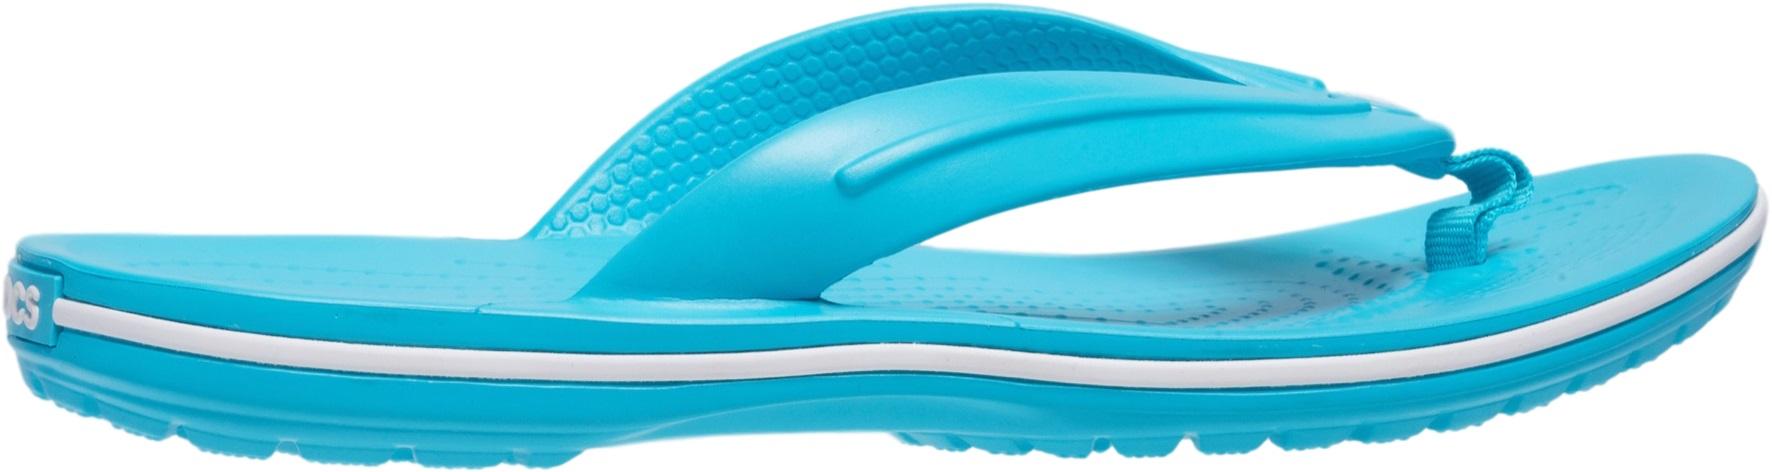 Crocs™ Crocband Flip GS Digital Aqua 38,5